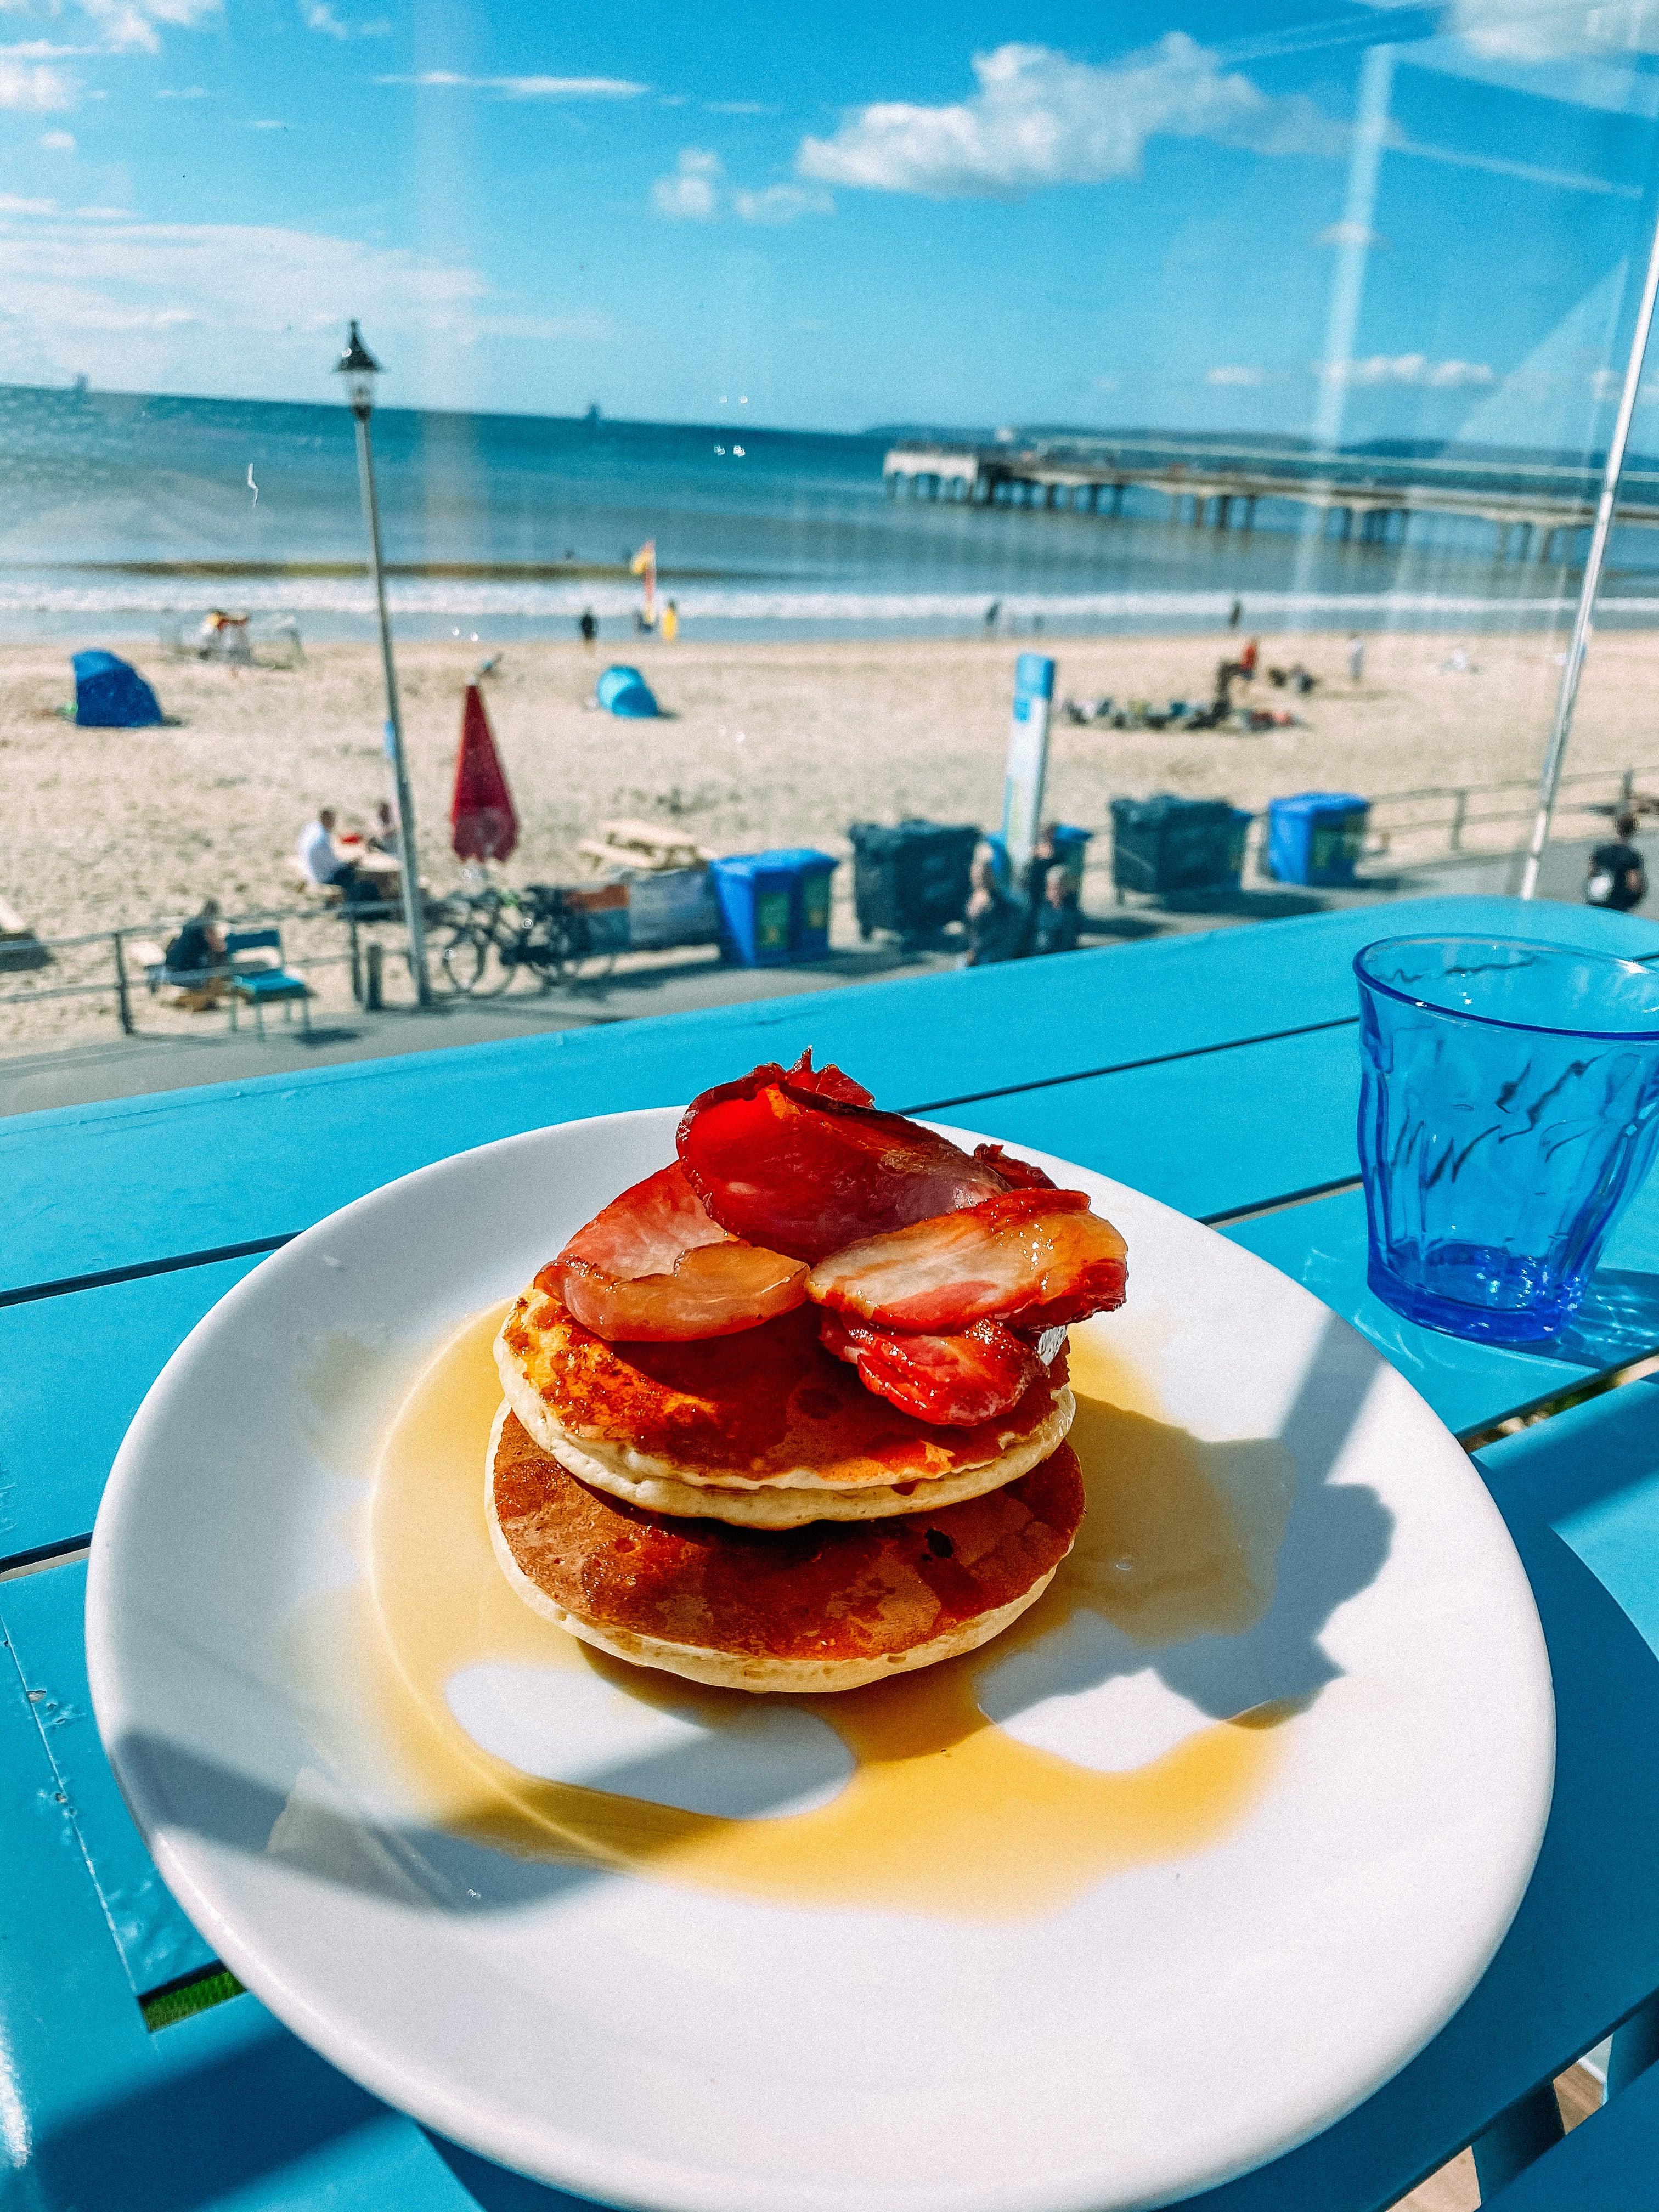 pancakes at urban reef bournemouth